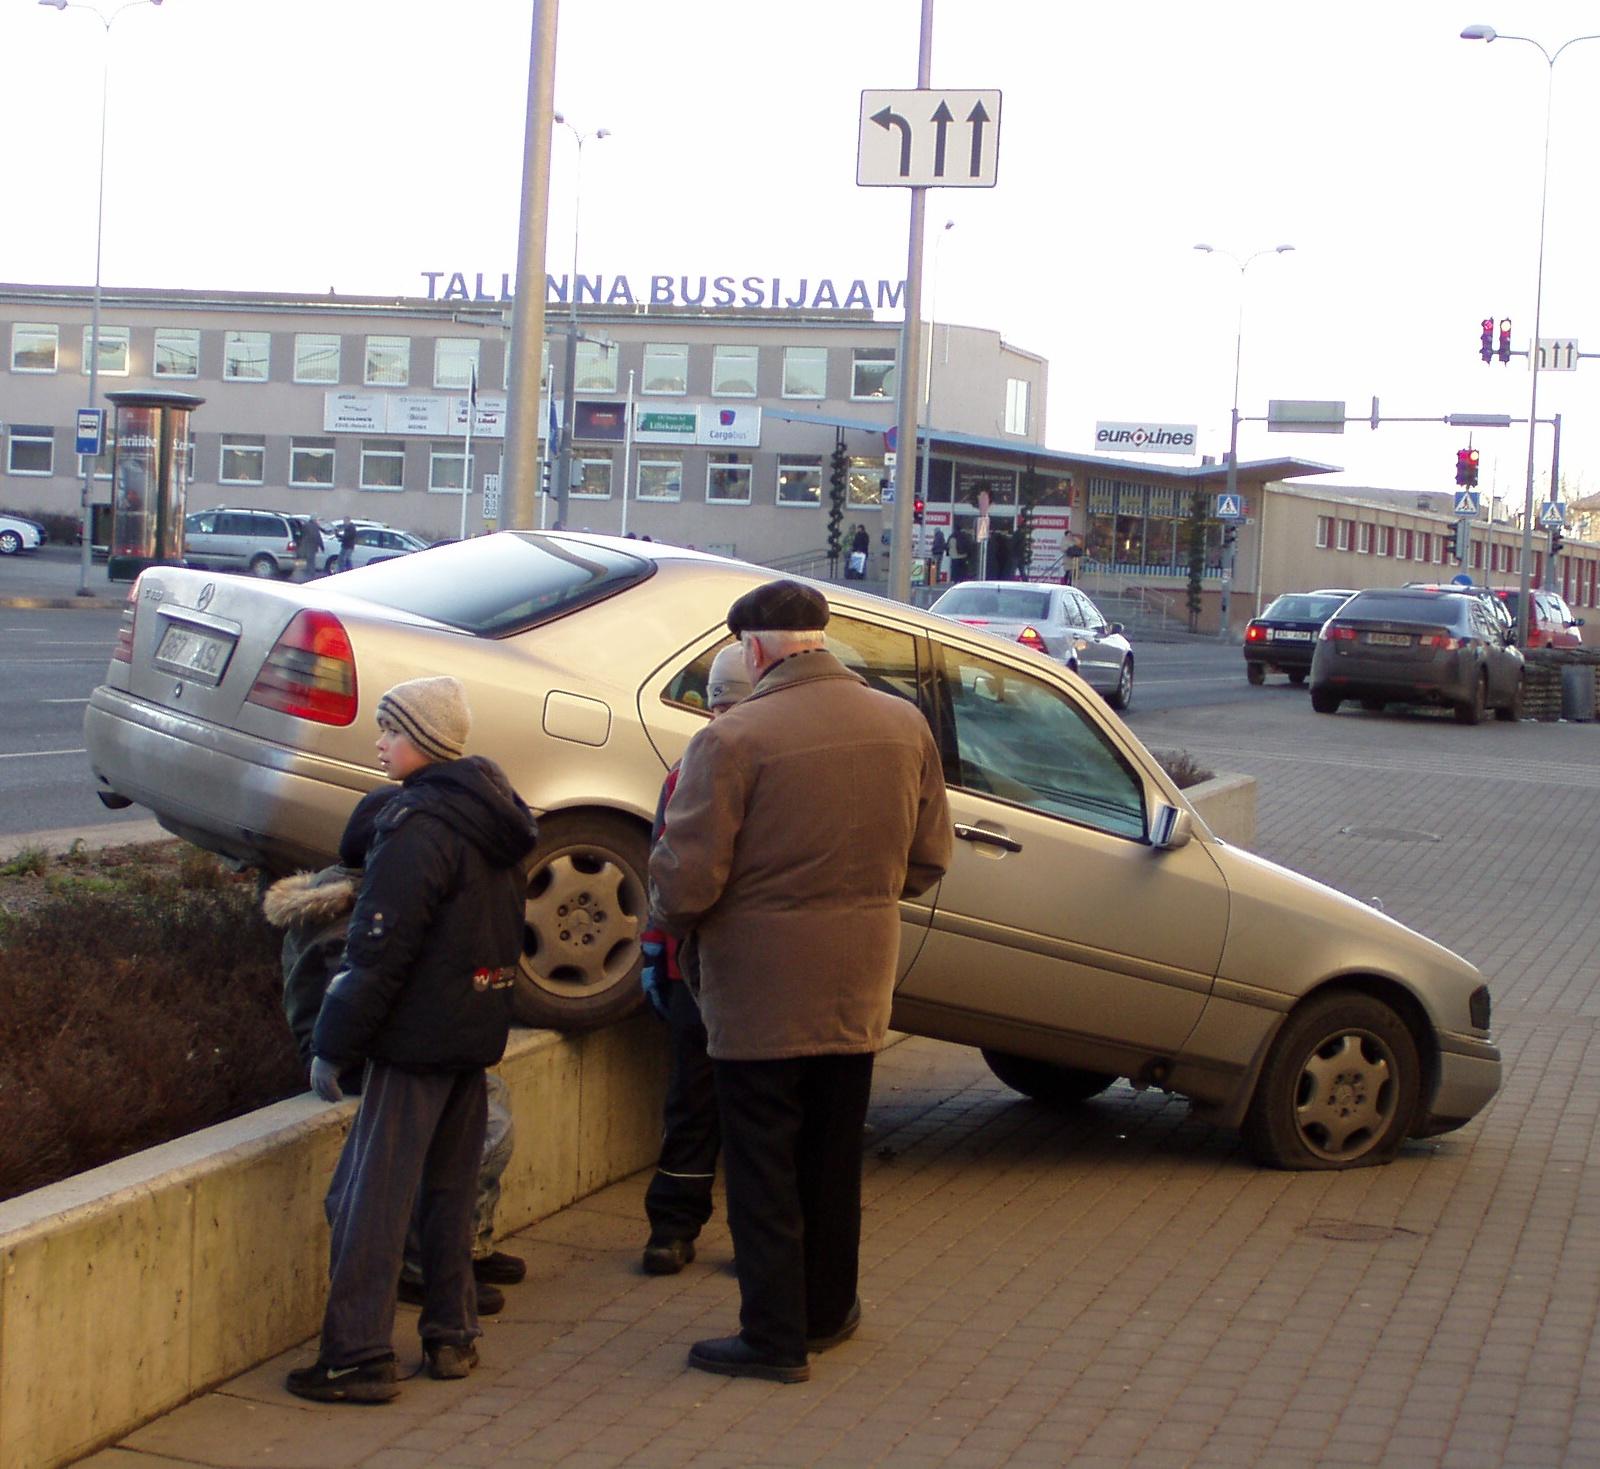 Sedasi pole soovitav oma autot parkida. 14.12.2008 foto Virgo Kruve